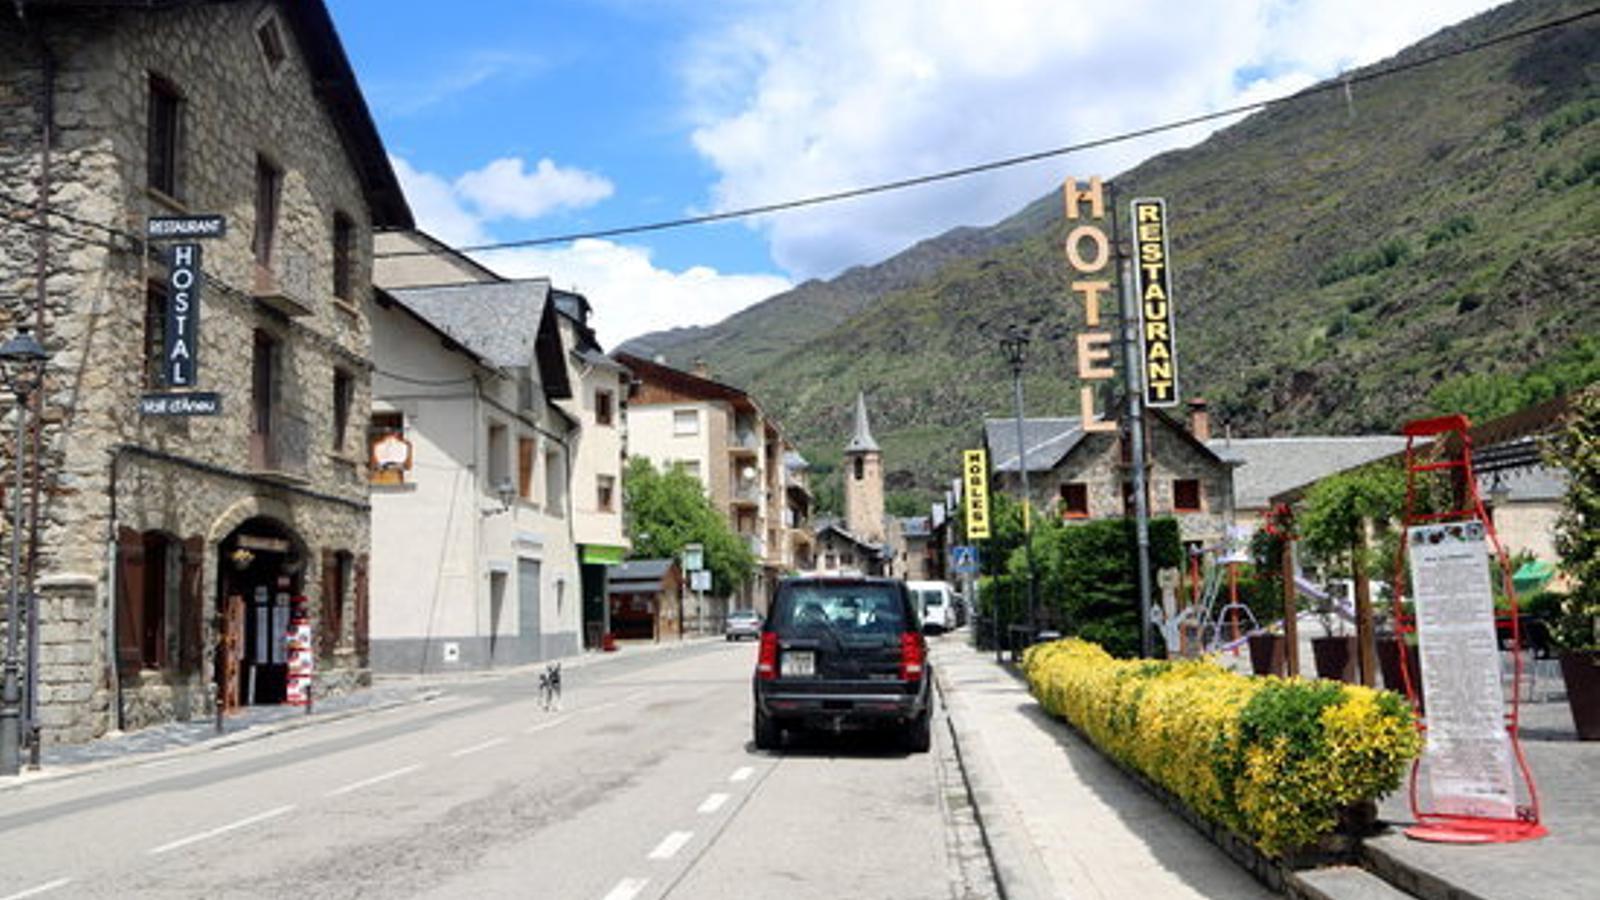 Establiments hotelers d'Esterri d'Àneu. / ACN